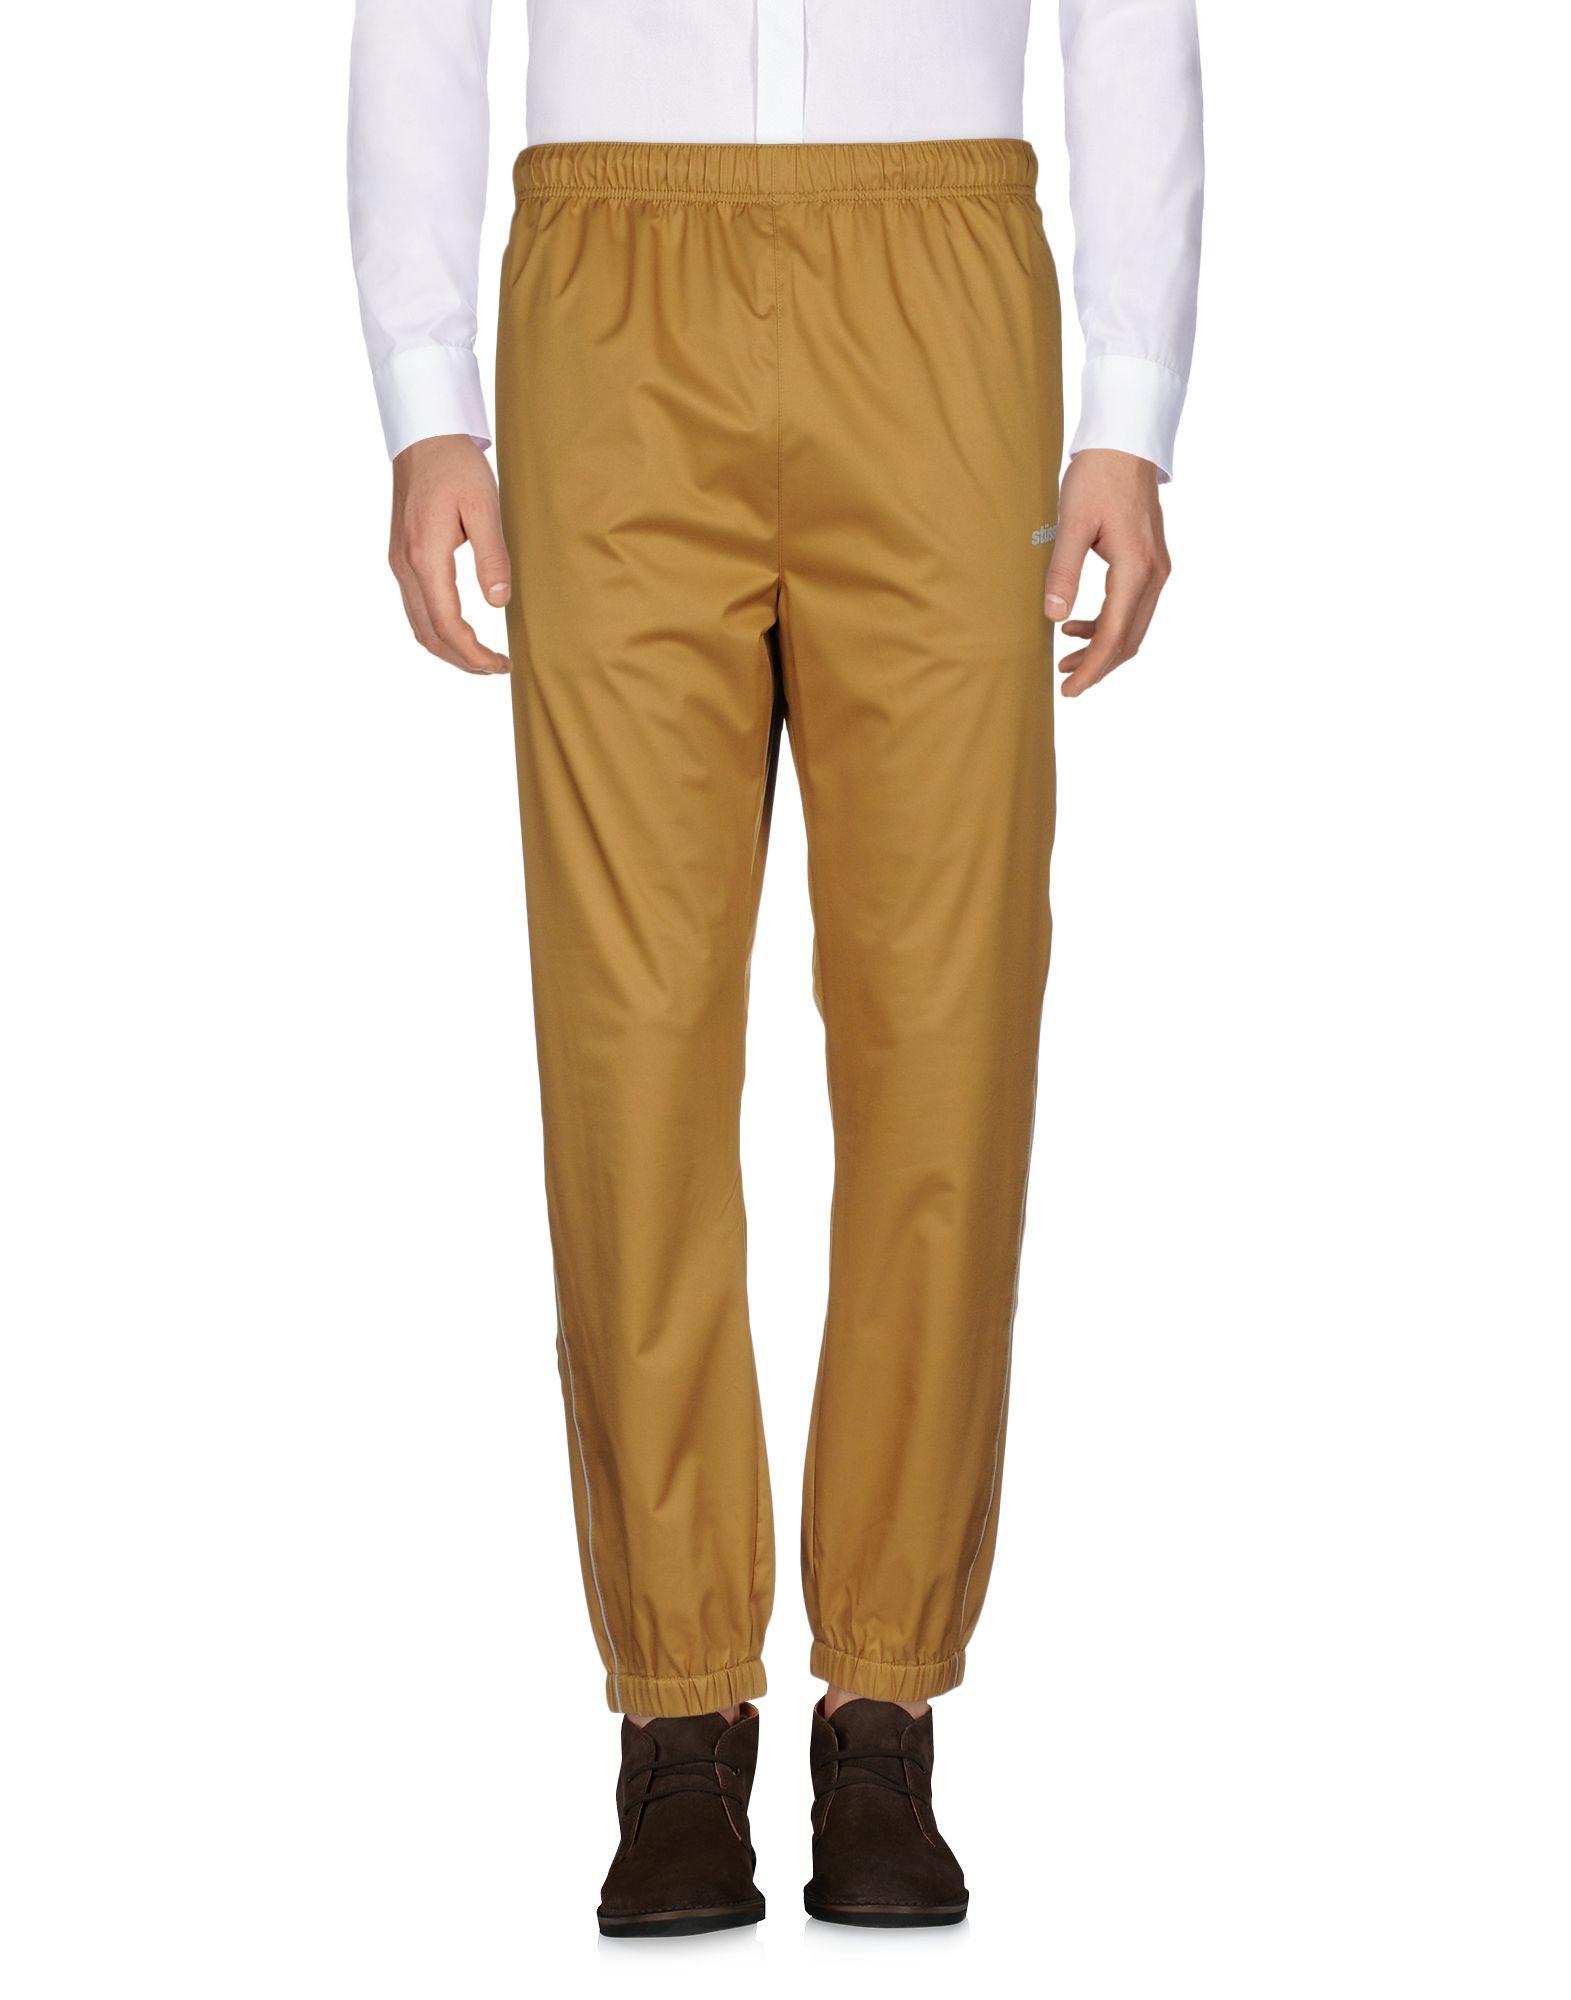 《送料無料》STUSSY メンズ パンツ キャメル M ポリエステル 100%